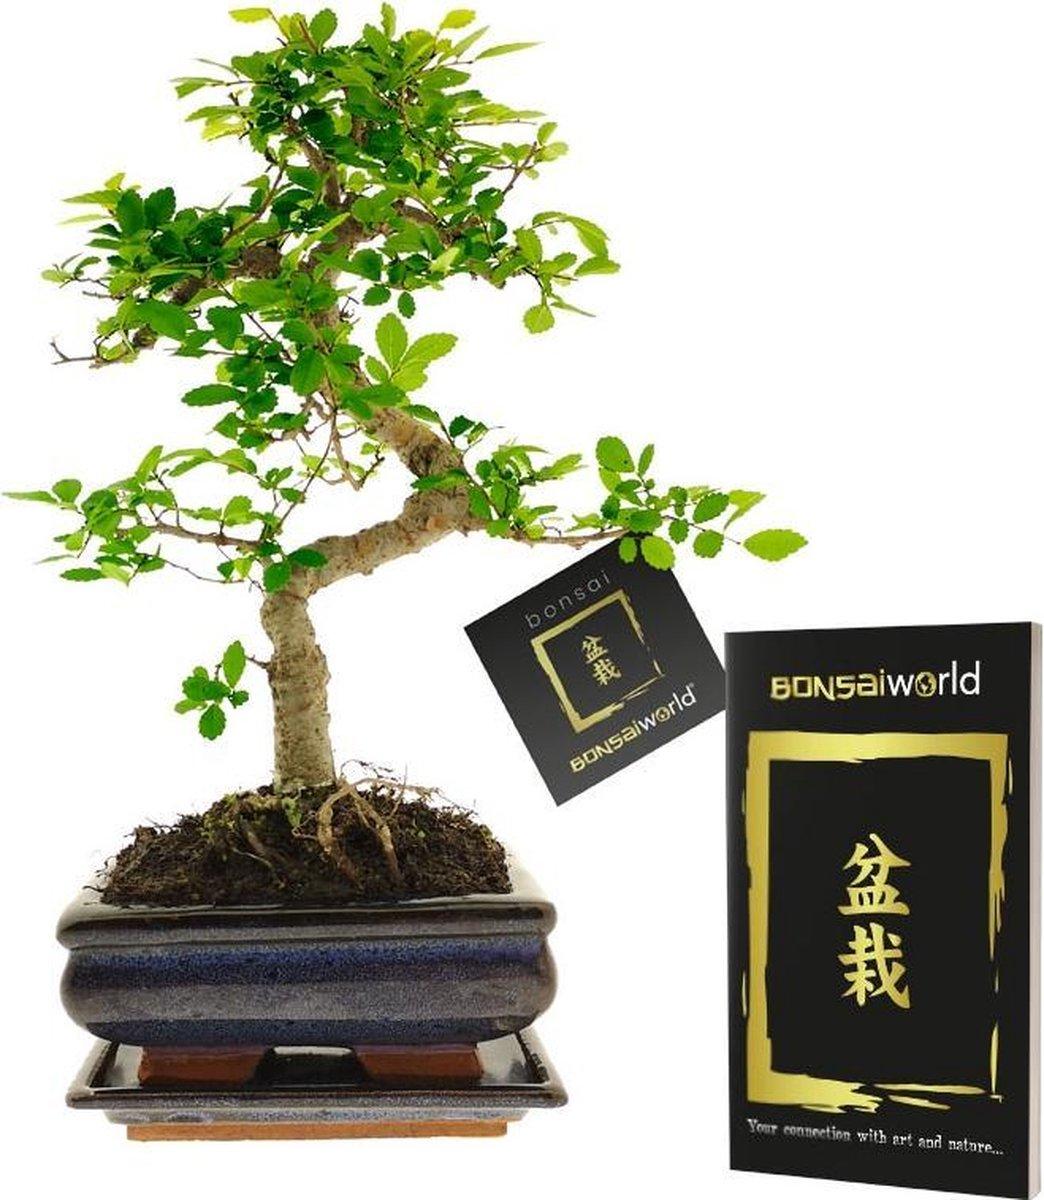 Bonsaiworld Bonsai Boompje S vormig - 8 jaar oud - Hoogte 25-30 cm+ Bonsai Boekje